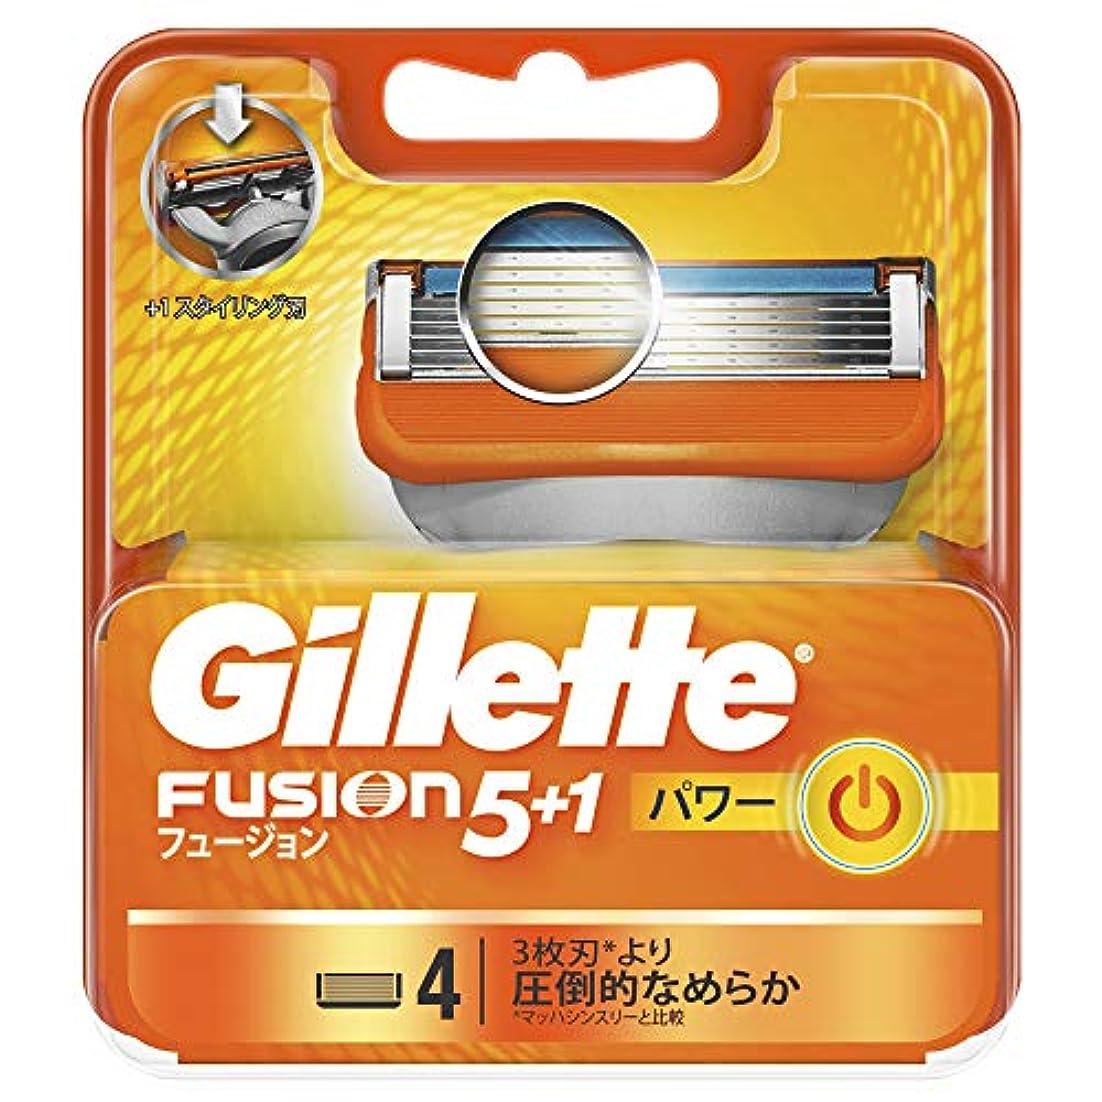 ギャザーずんぐりした言うジレット 髭剃り フュージョン 5+1 パワー 替刃4個入